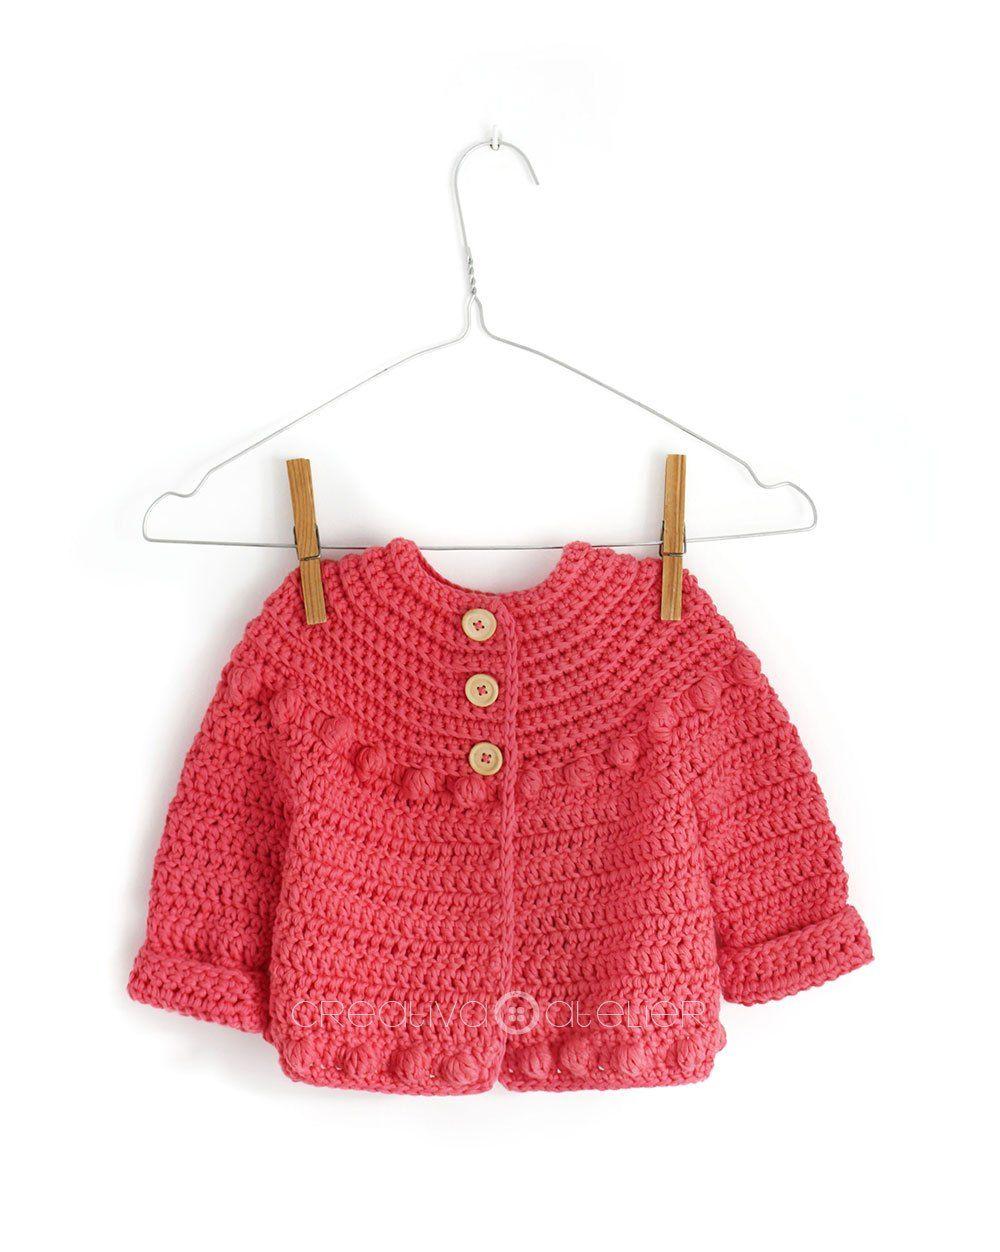 Chaqueta de Crochet Burbujitas para niña [ Tutorial y Patrón GRATIS ...